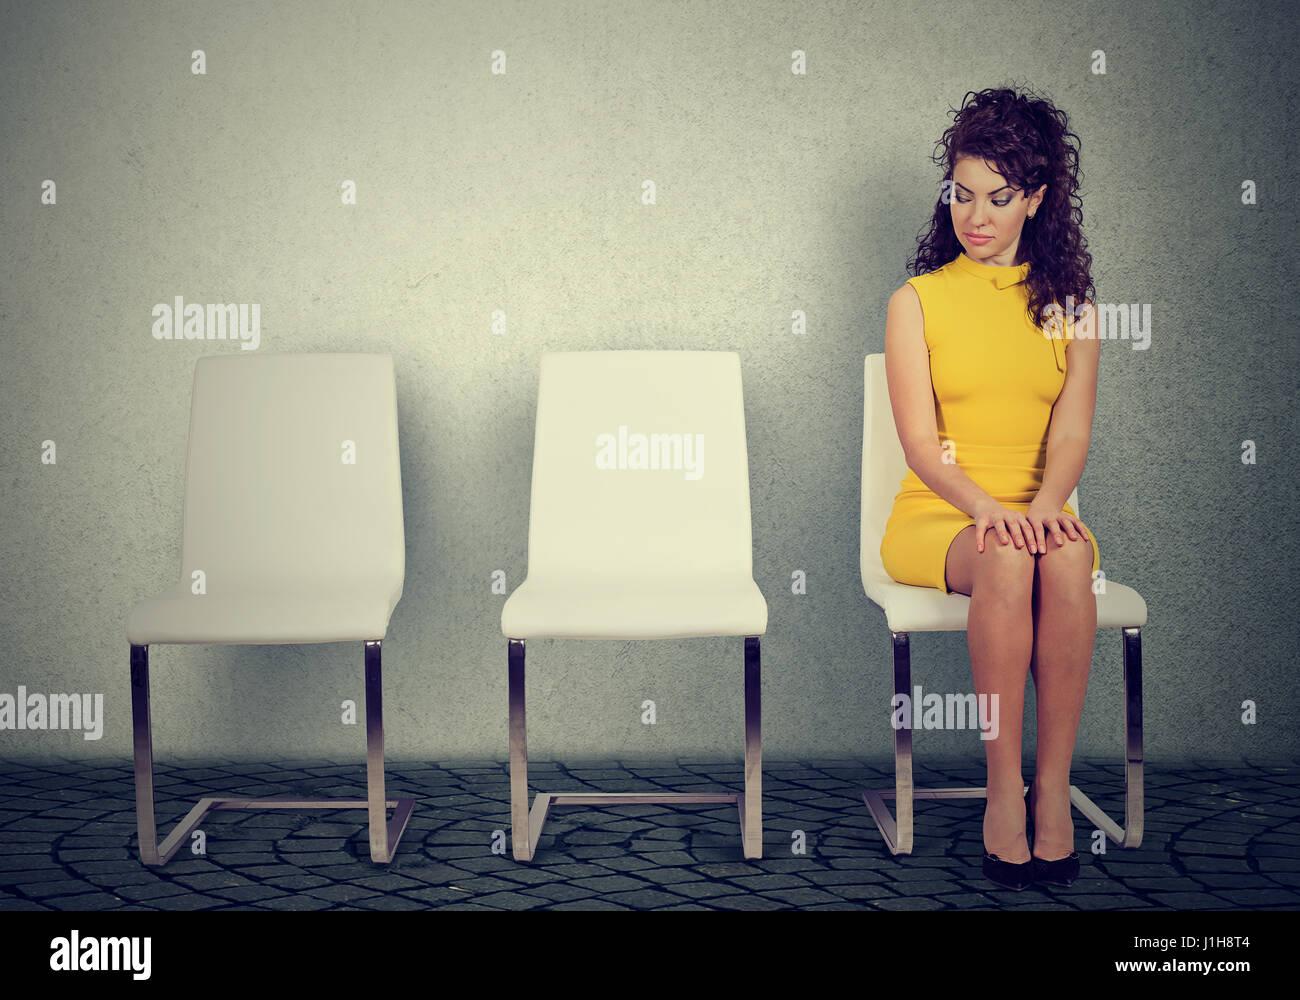 Mujer joven sentada en una silla esperando para una entrevista de trabajo Imagen De Stock